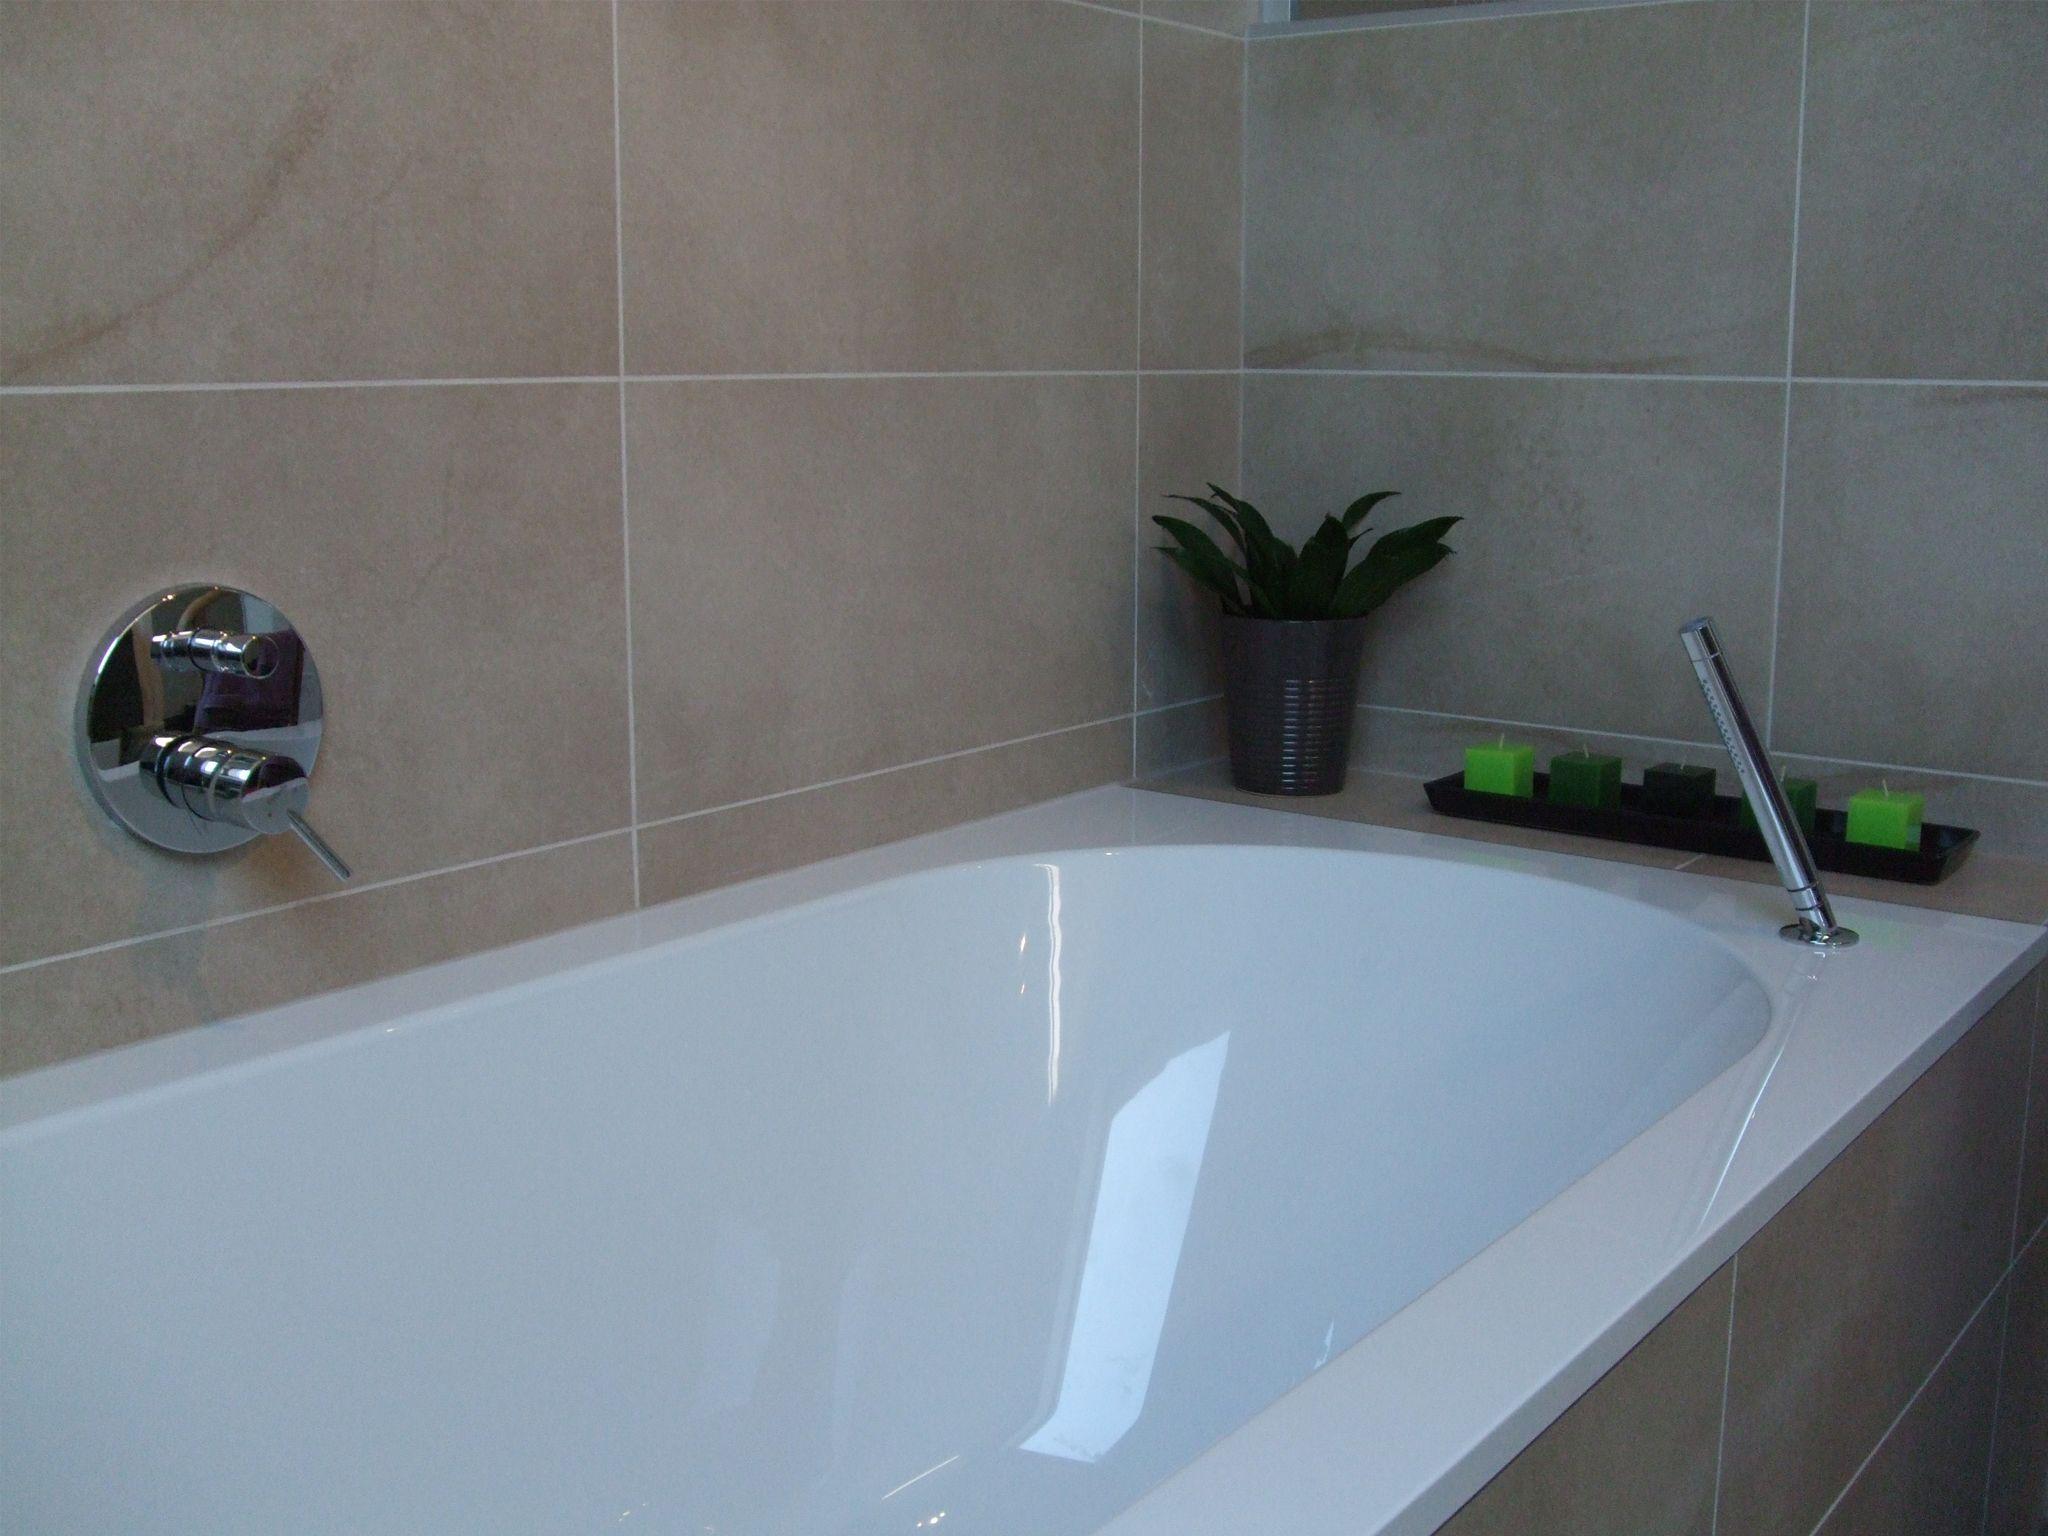 Bad ingewerkt met tegels bad villeroy boch inbouwkraanwerk hansgrohe starck met exafill - Mat tegels ...